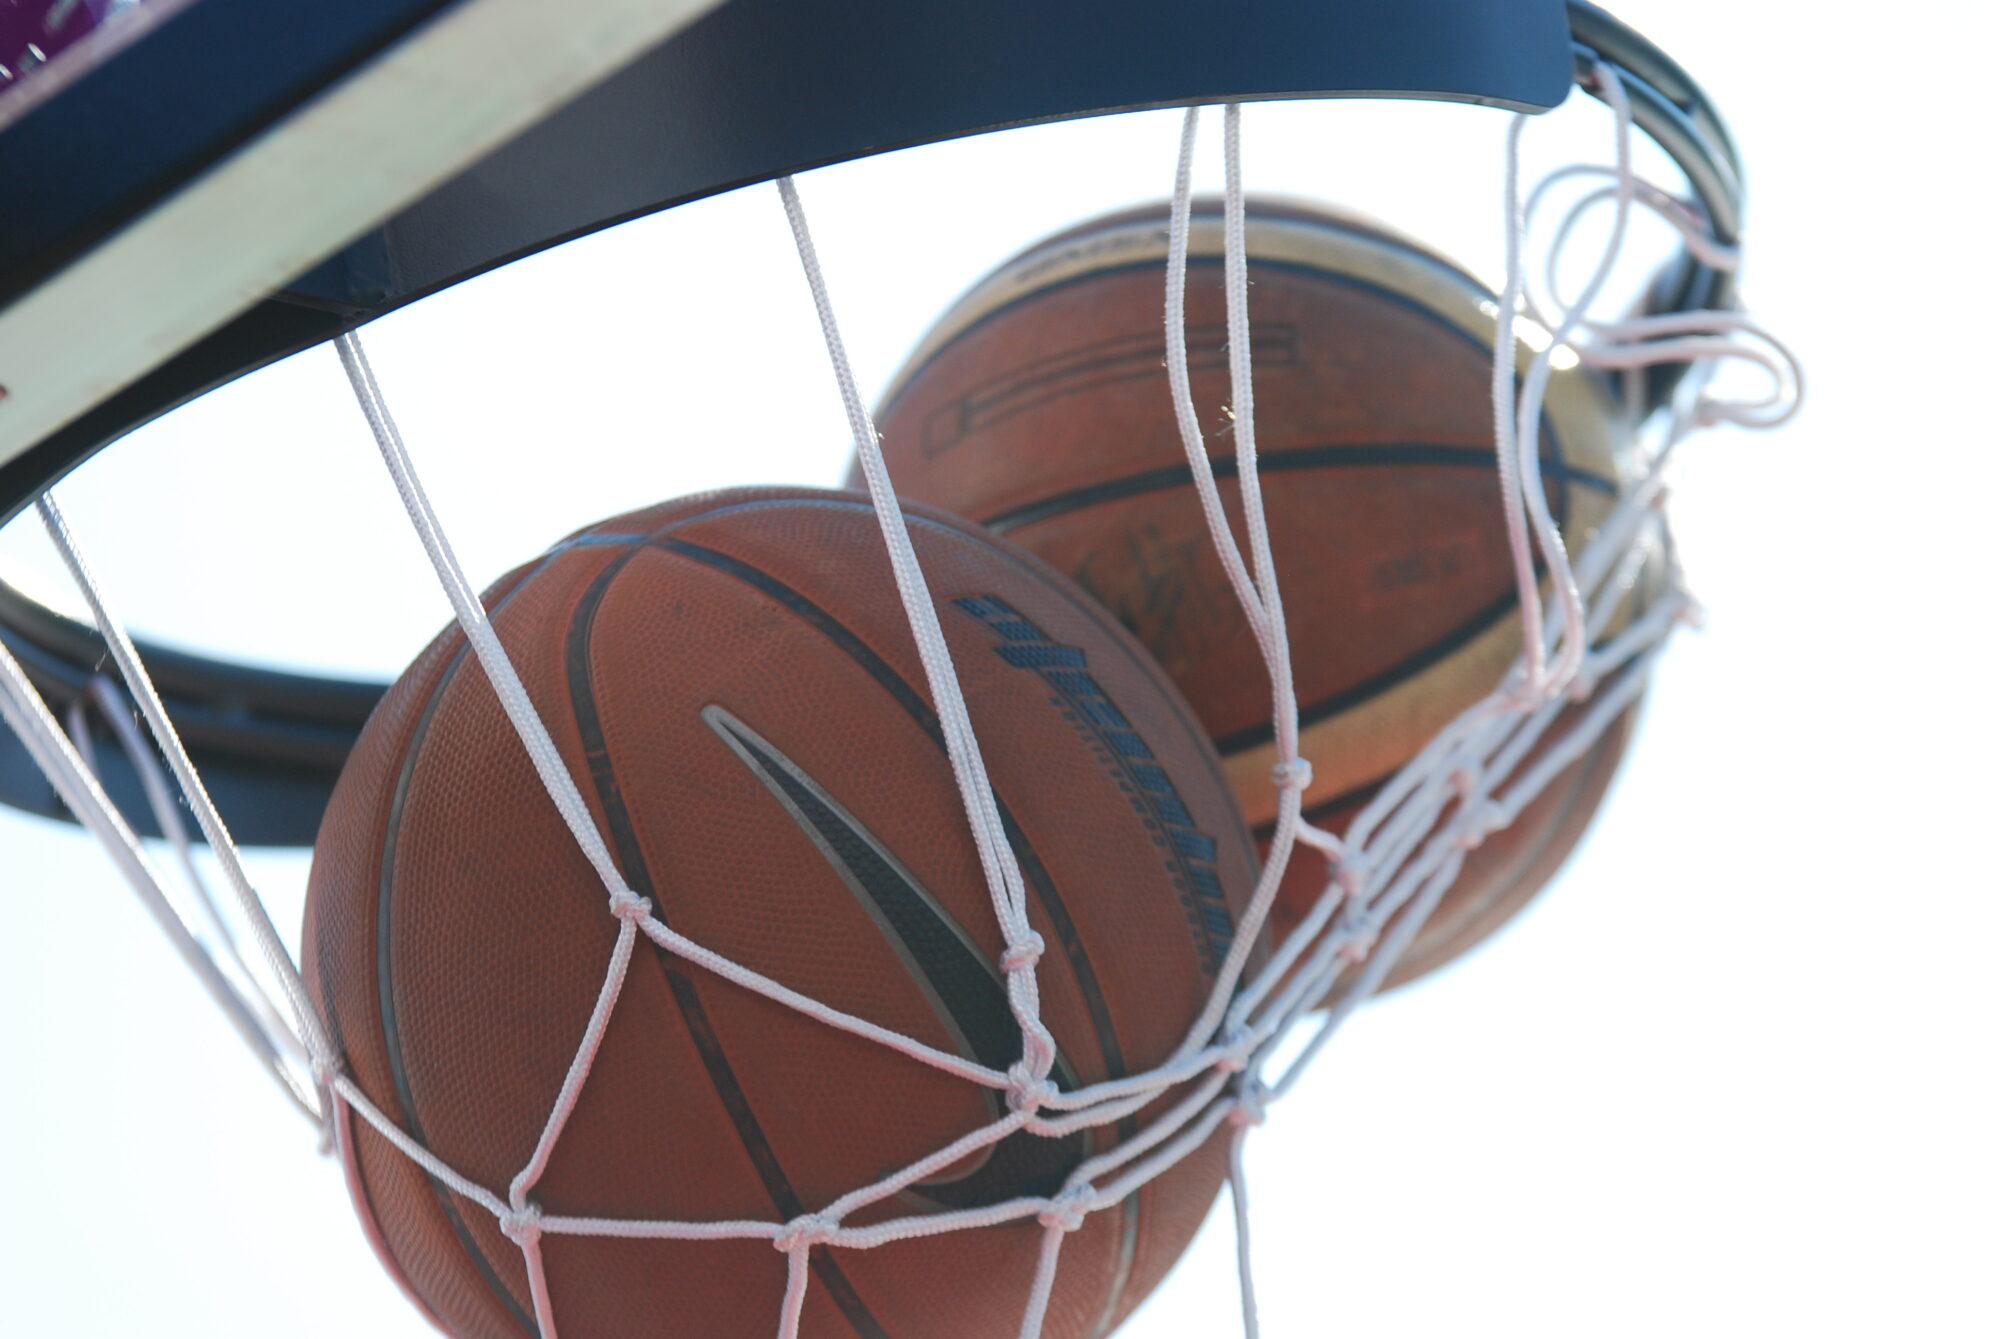 Liepājas basketbola komandai pievienojas arī U-18 izlases spēlētājs Čudars